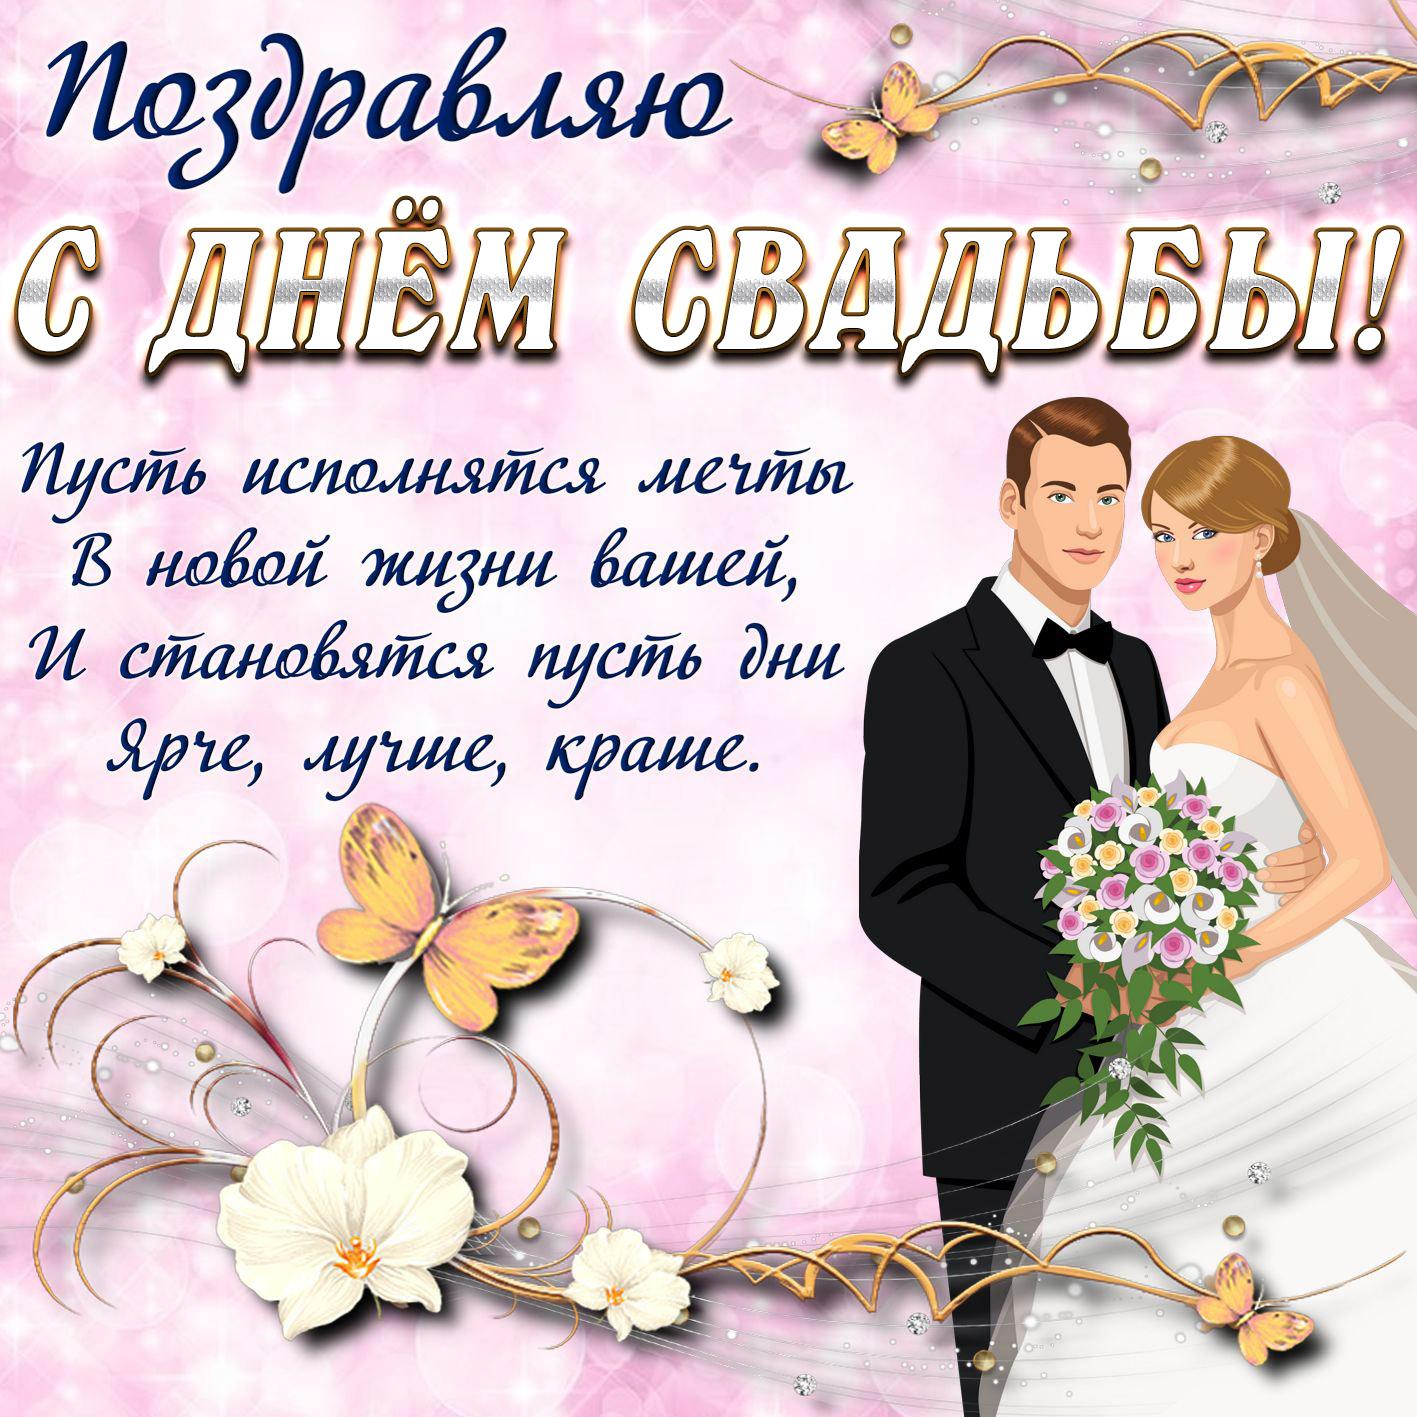 Поздравление своими слова другу с днем свадьбы душевные